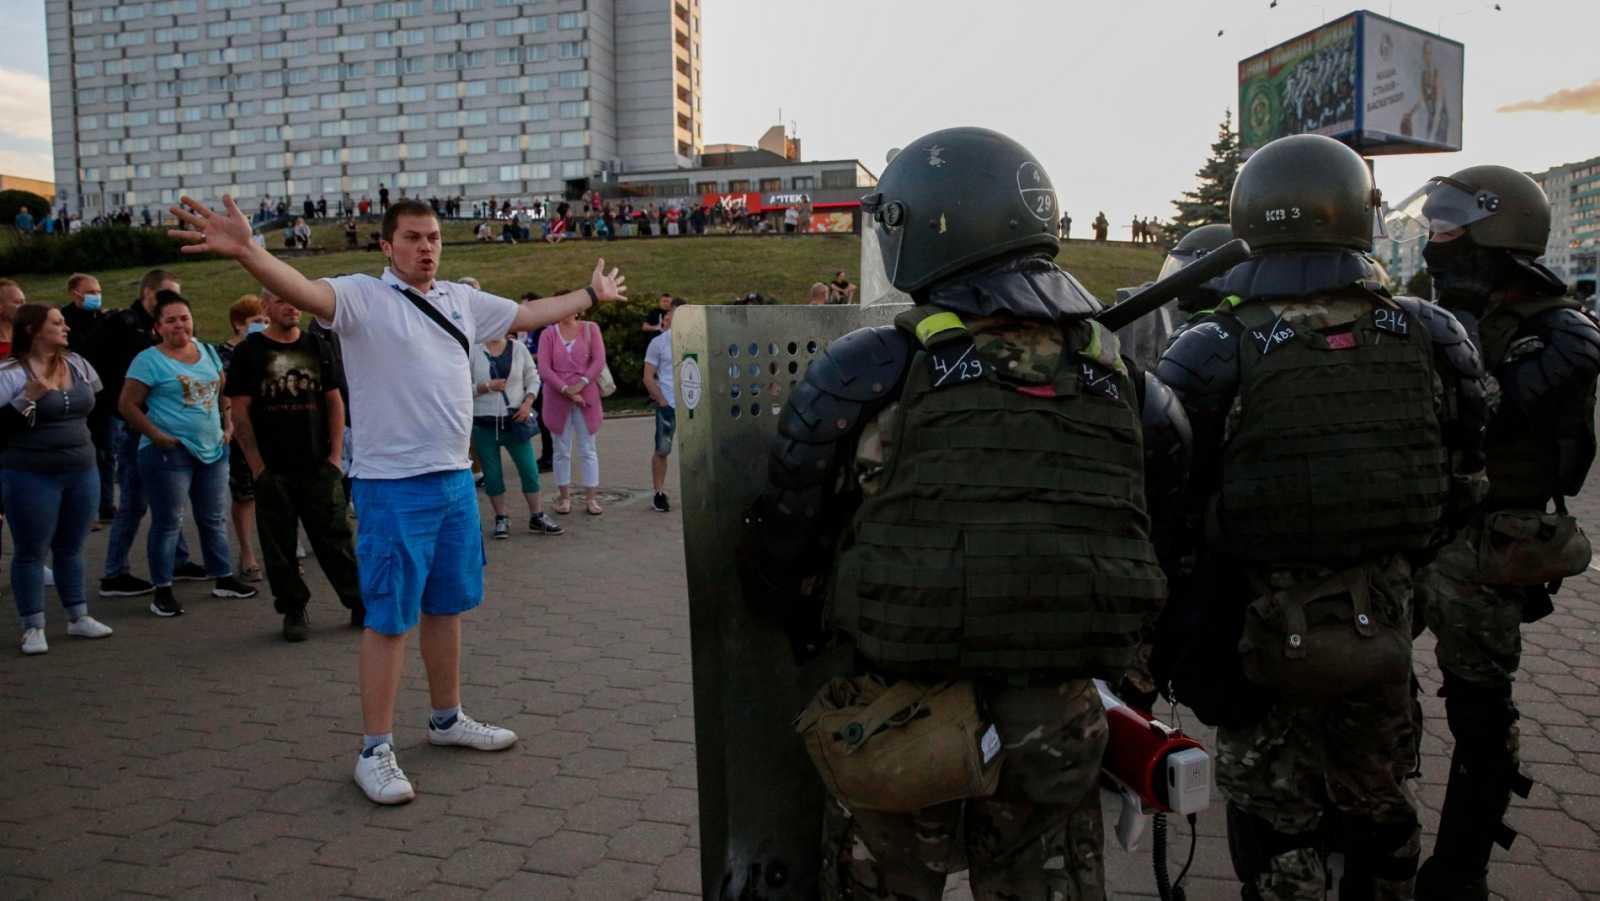 Un hombre habla con miembros del Ejército durante las protetas en Bielorrusia tras las elecciones